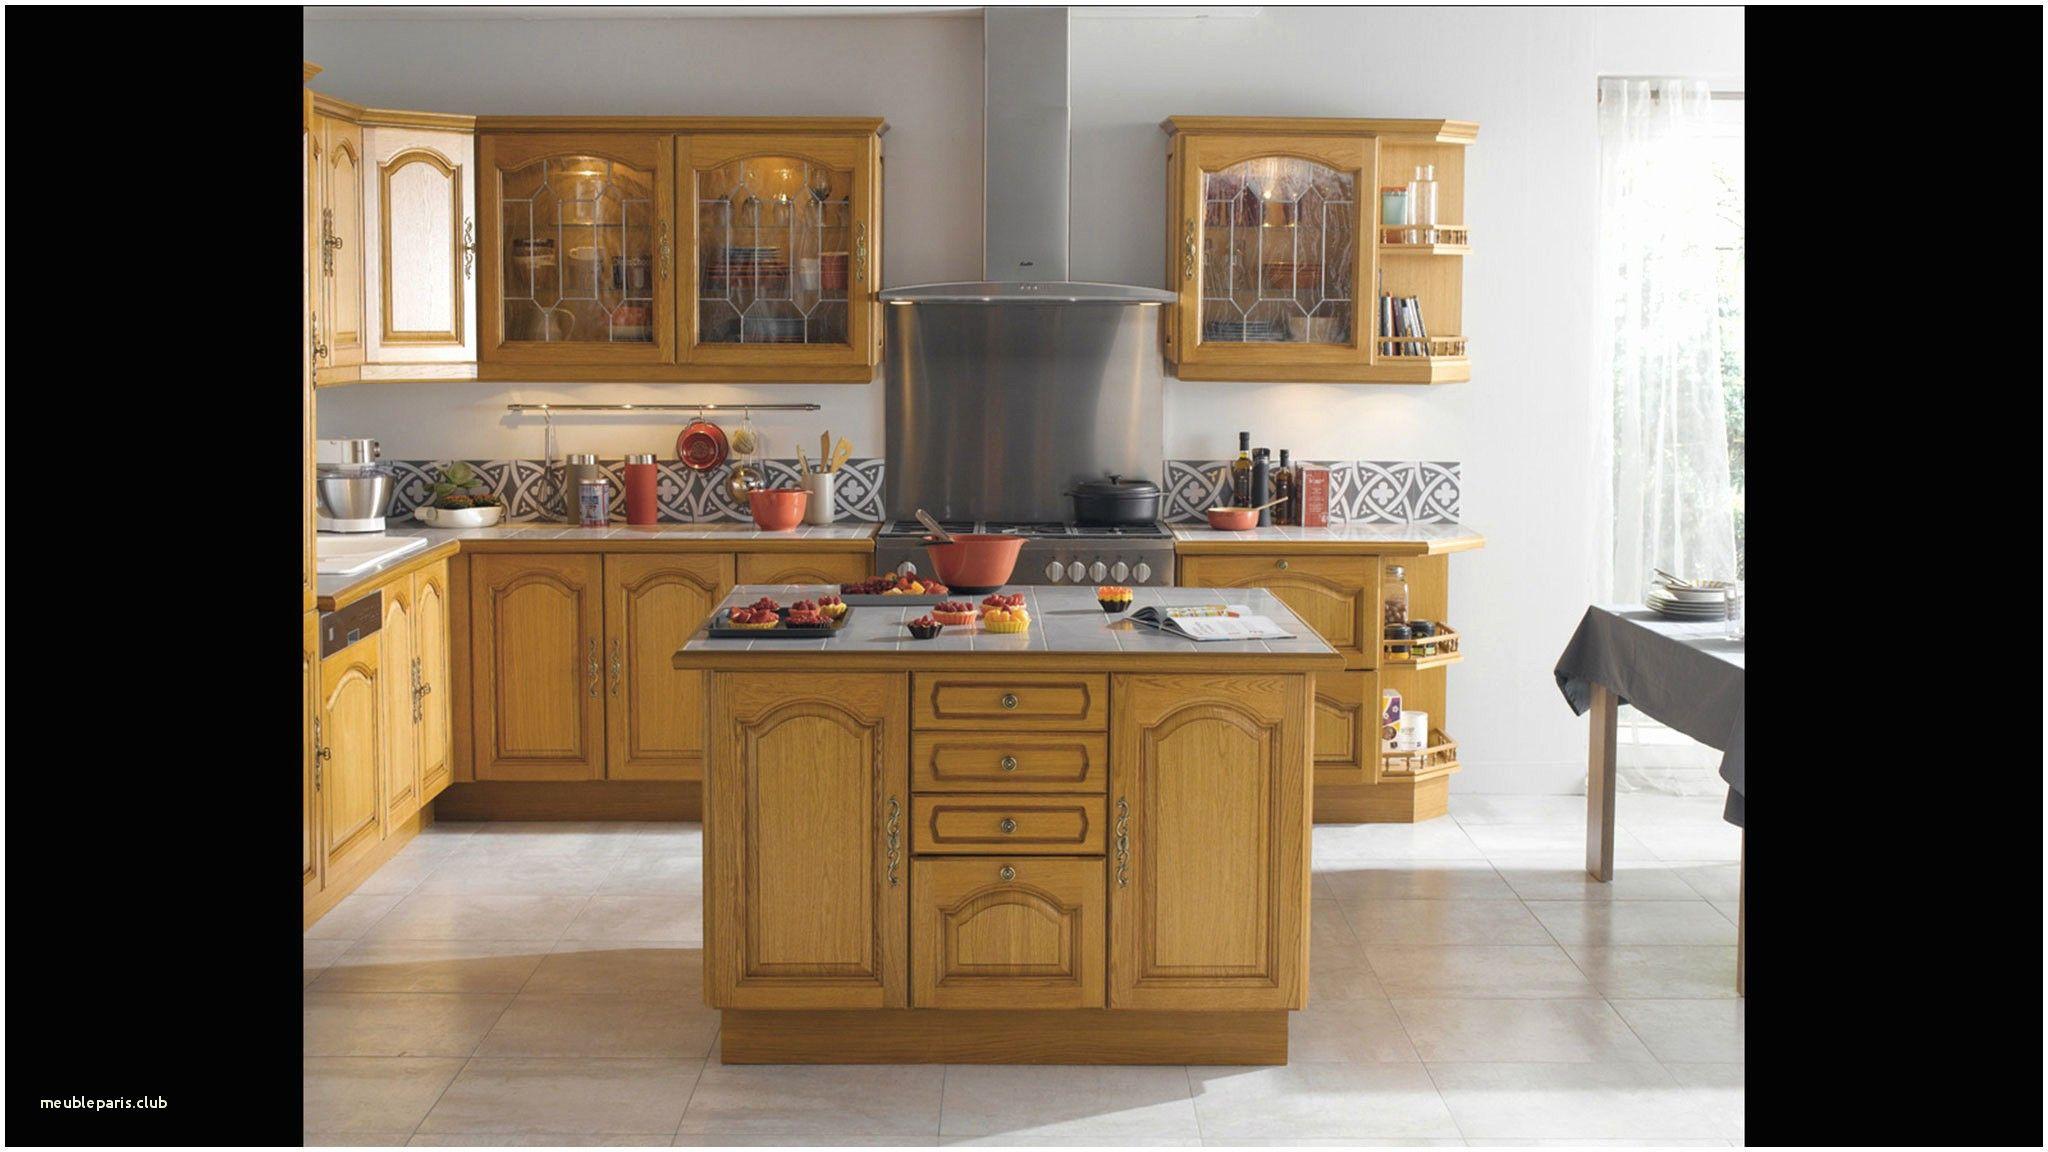 Armoire 40 Cm De Profondeur Armoire 40 Cm De Profondeur Armoire Largeur 150 199 Cm Ikea Decouvrez Notre Vas House Flooring Tiny House Plans Home Design Plans